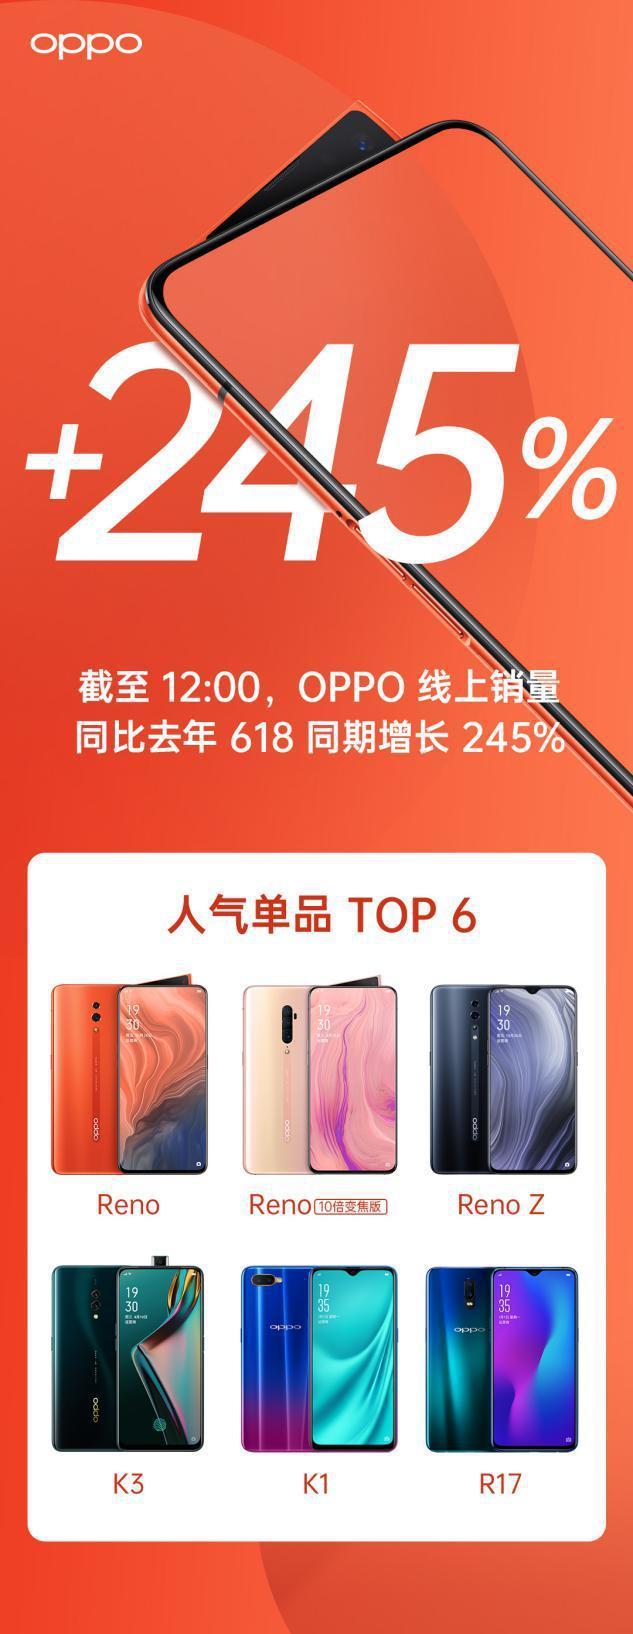 Reno系列新品迎来首发,OPPO 618销量同比增长245%